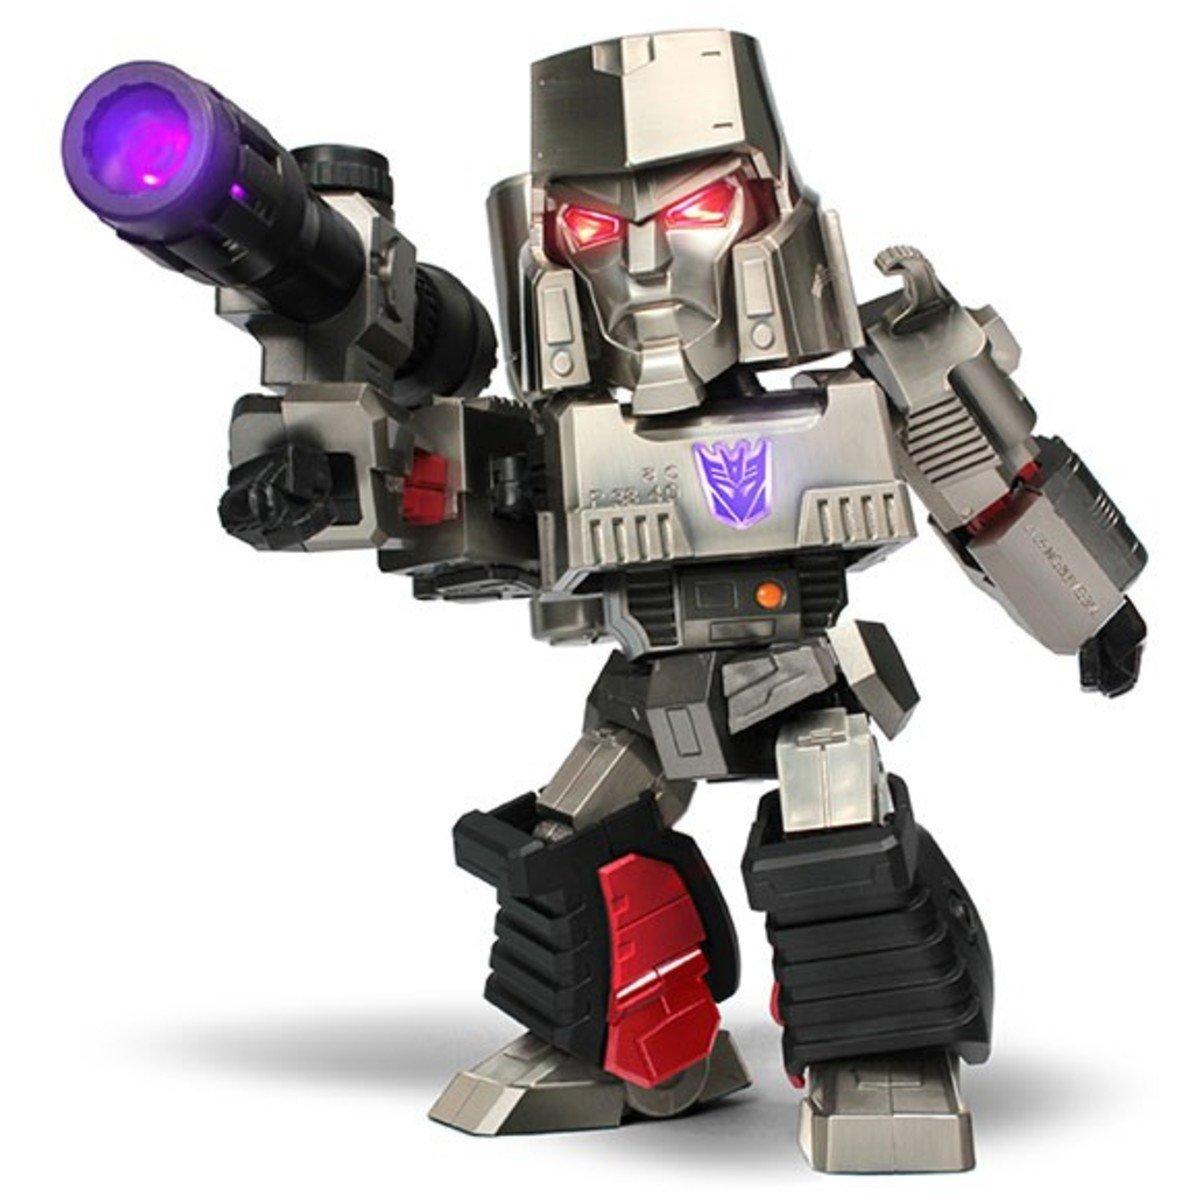 Transformers 變形金剛 Mecha Nations MN-003: 變形金剛 麥加登